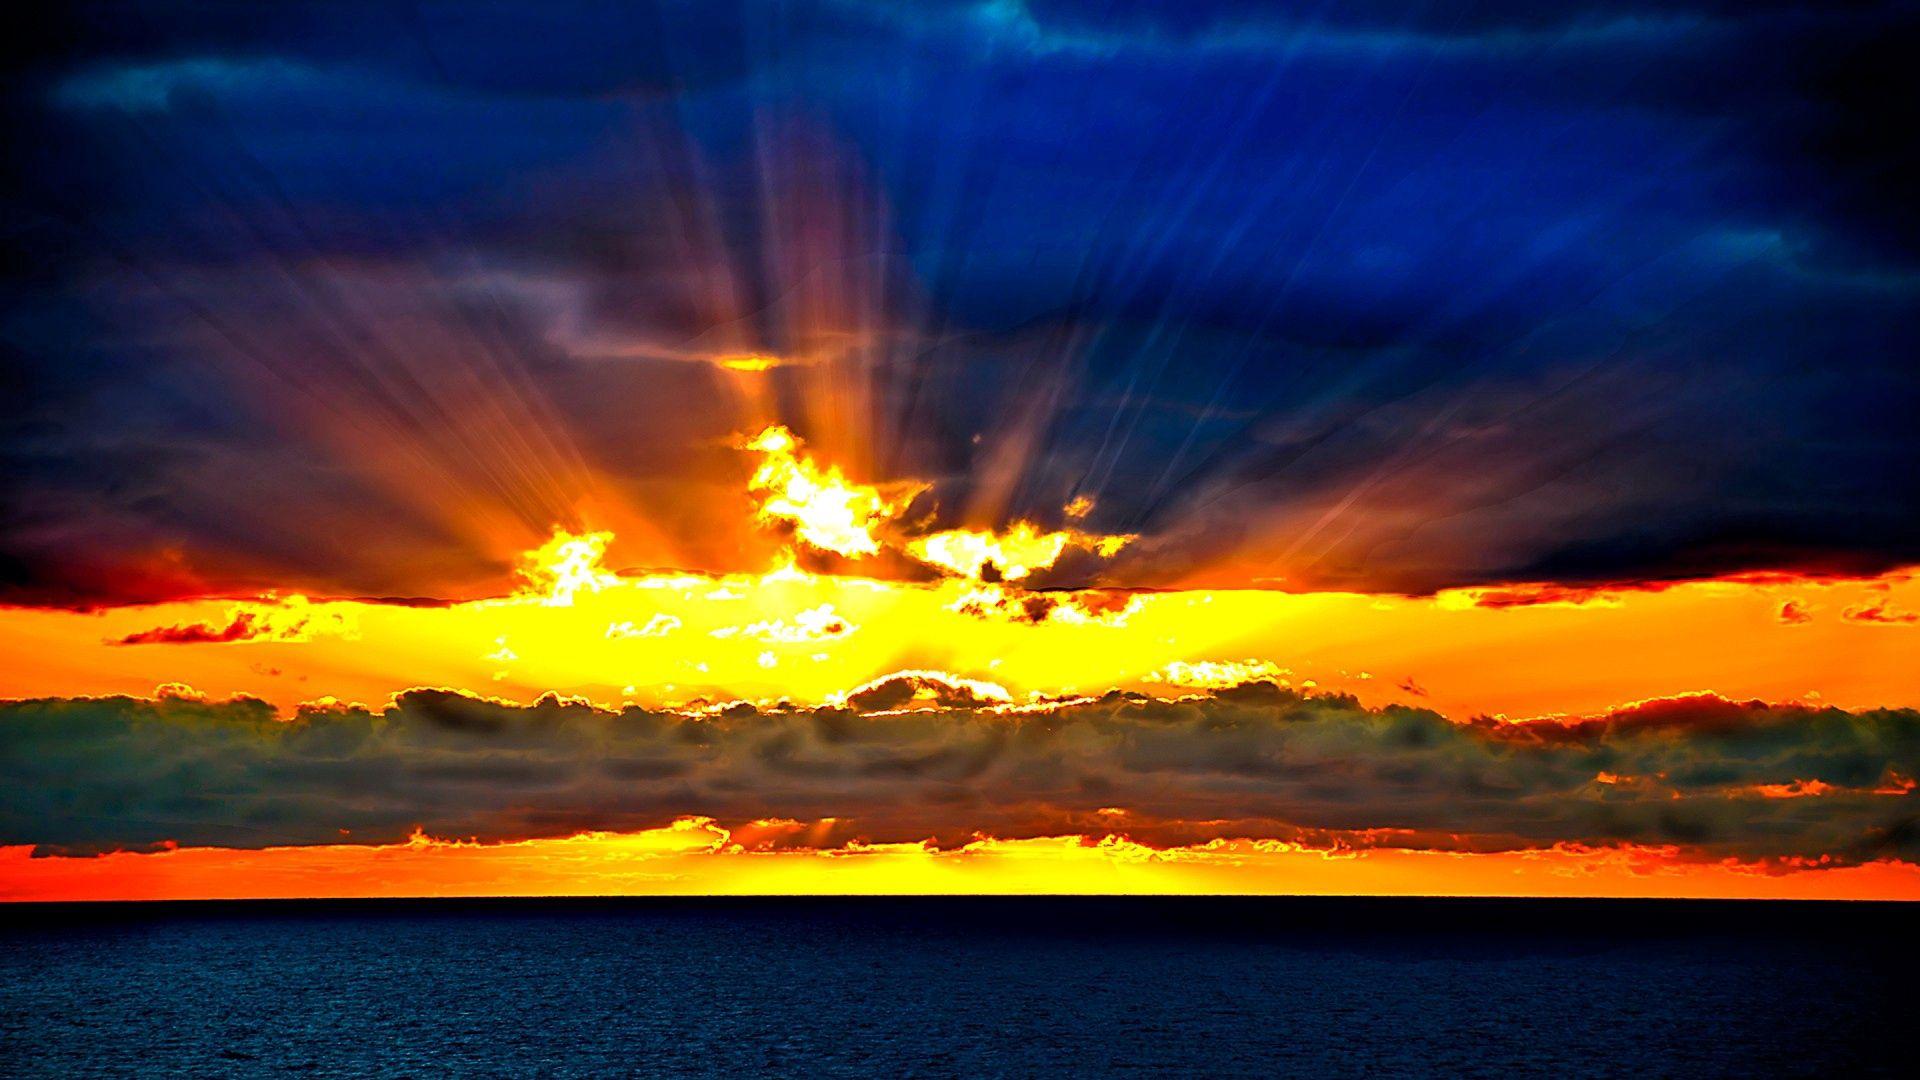 143546壁紙のダウンロード自然, ビーム, 光線, スカイ, 地平線, 海, オレンジ, 日没, サン-スクリーンセーバーと写真を無料で